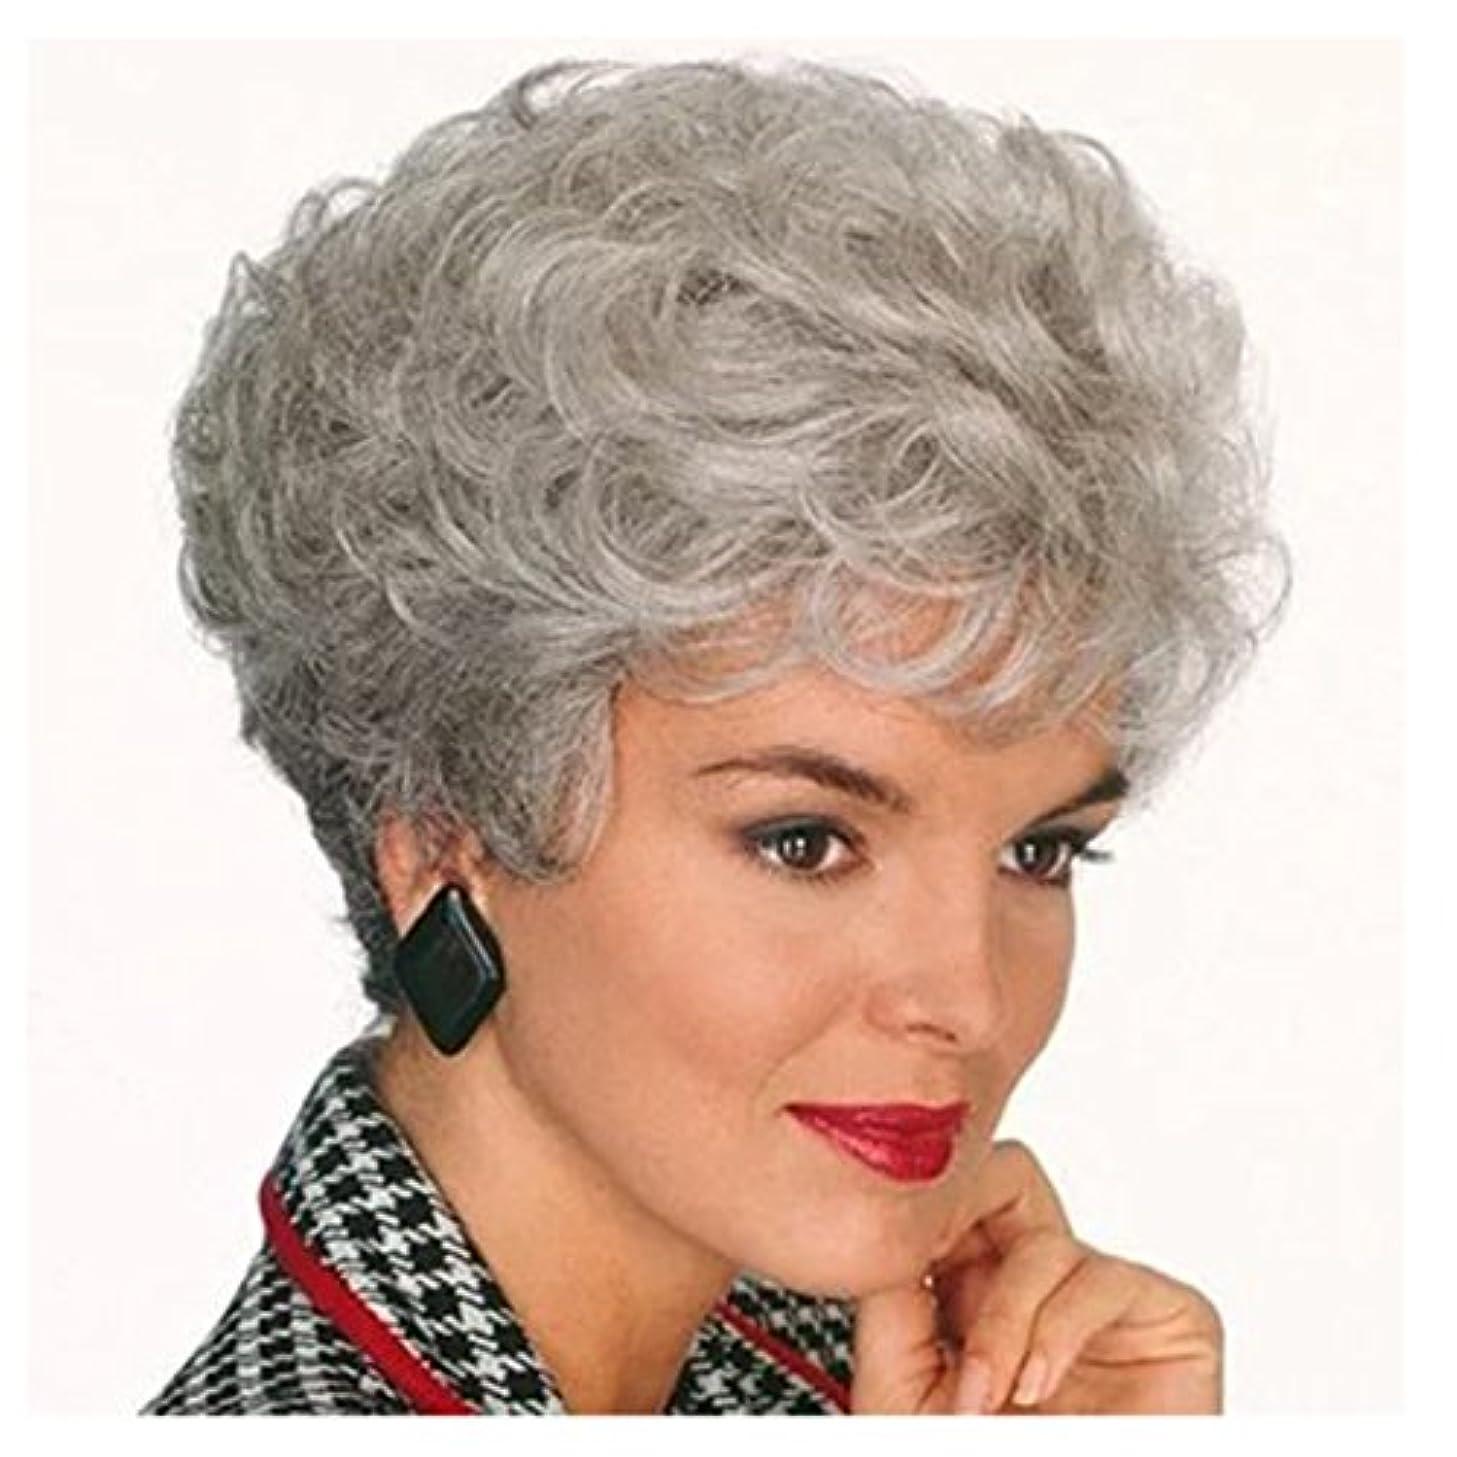 十代子供達玉YOUQIU コスプレ中年と古い人々のために150グラムフラッツ前髪ウィッグで女性や男性の髪ふわふわナチュラルウィッグ用ショート全頭ウィッグ(黒/ダークブラウン/ライトブラウン/グレー)ウィッグ (色 : グレー)